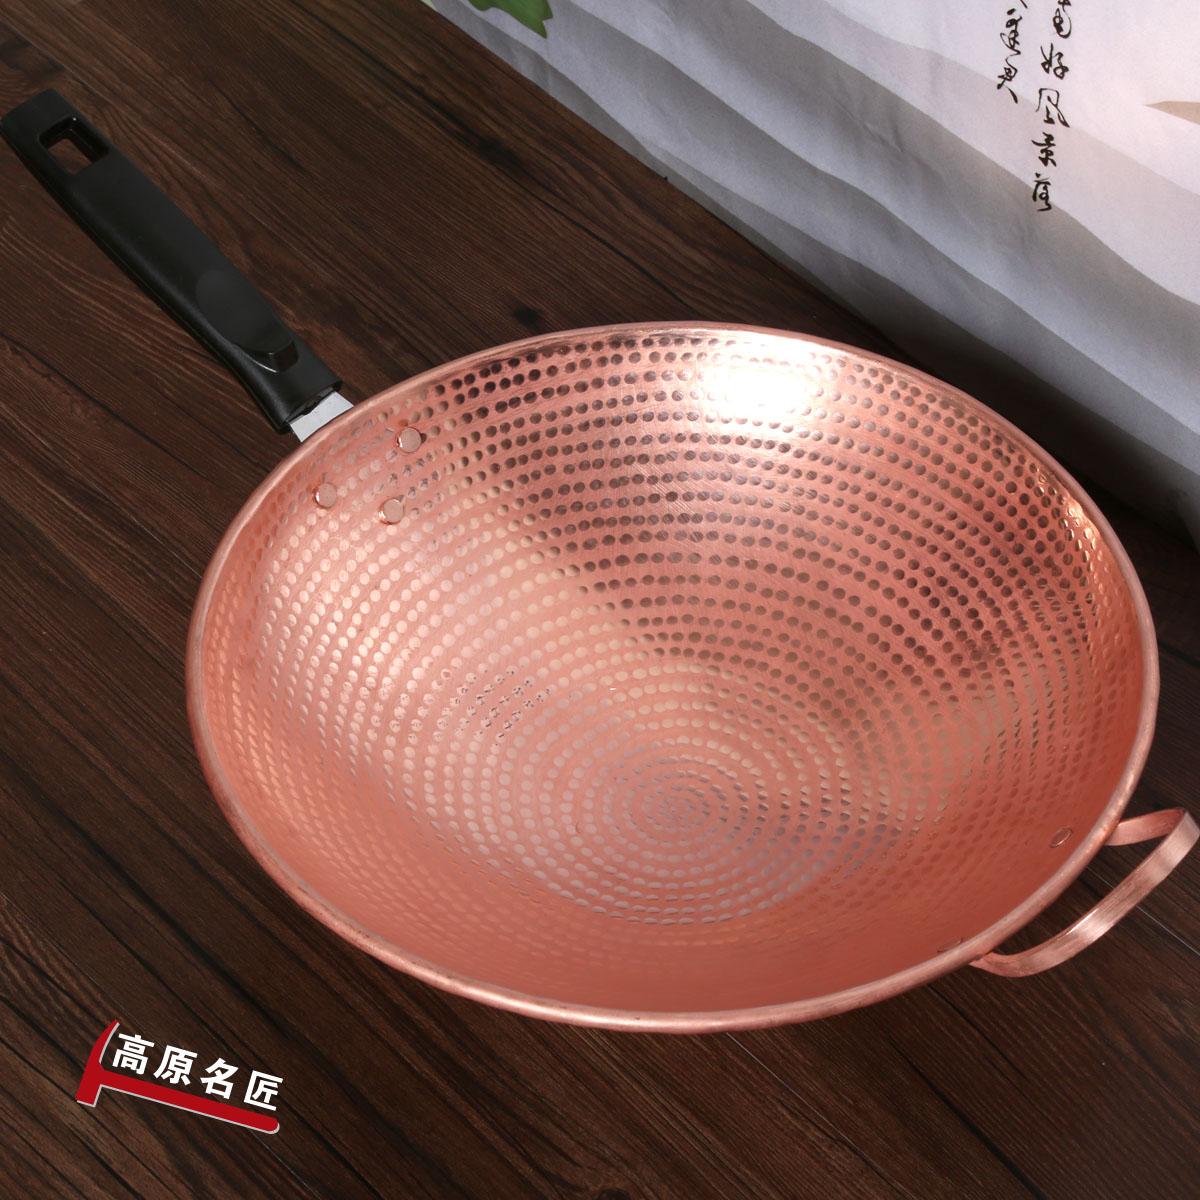 高原名匠純 銅炒鍋 純銅鍋 紫銅炒菜鍋 銅炒瓢 膠木防燙柄加厚